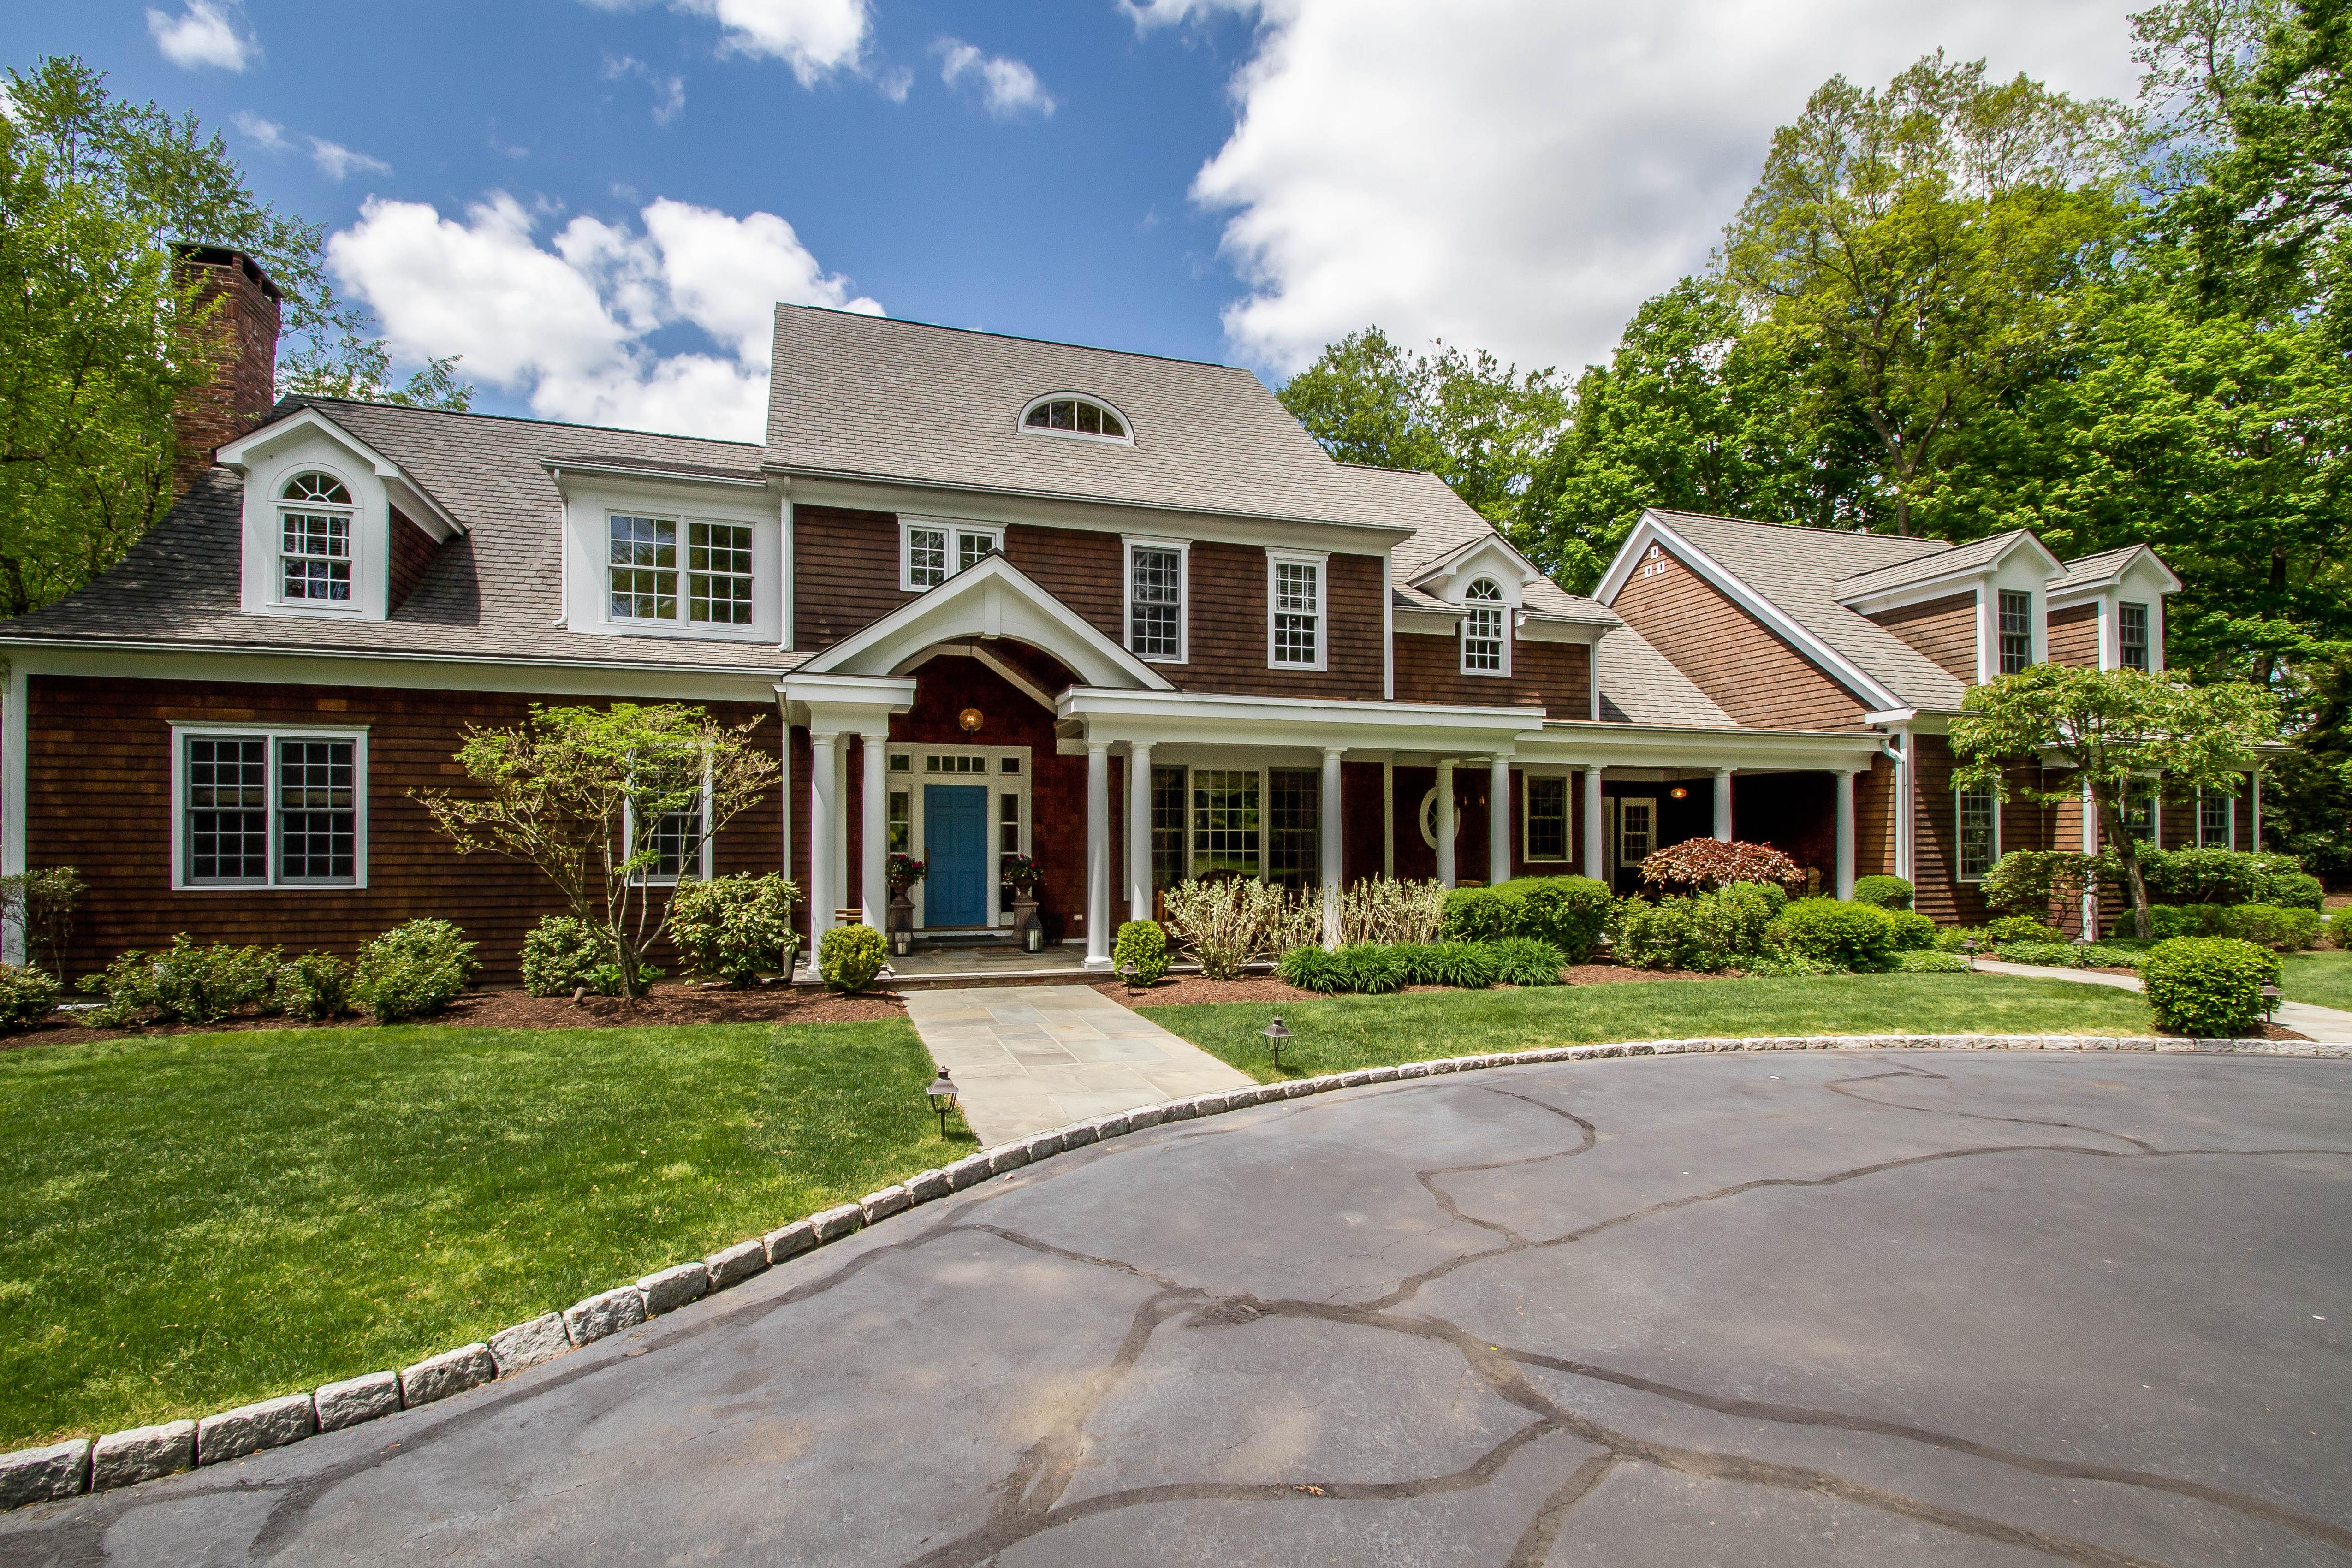 独户住宅 为 销售 在 Classic Elegance Defined 77 Bayberry Lane 韦斯特波特, 康涅狄格州, 06880 美国